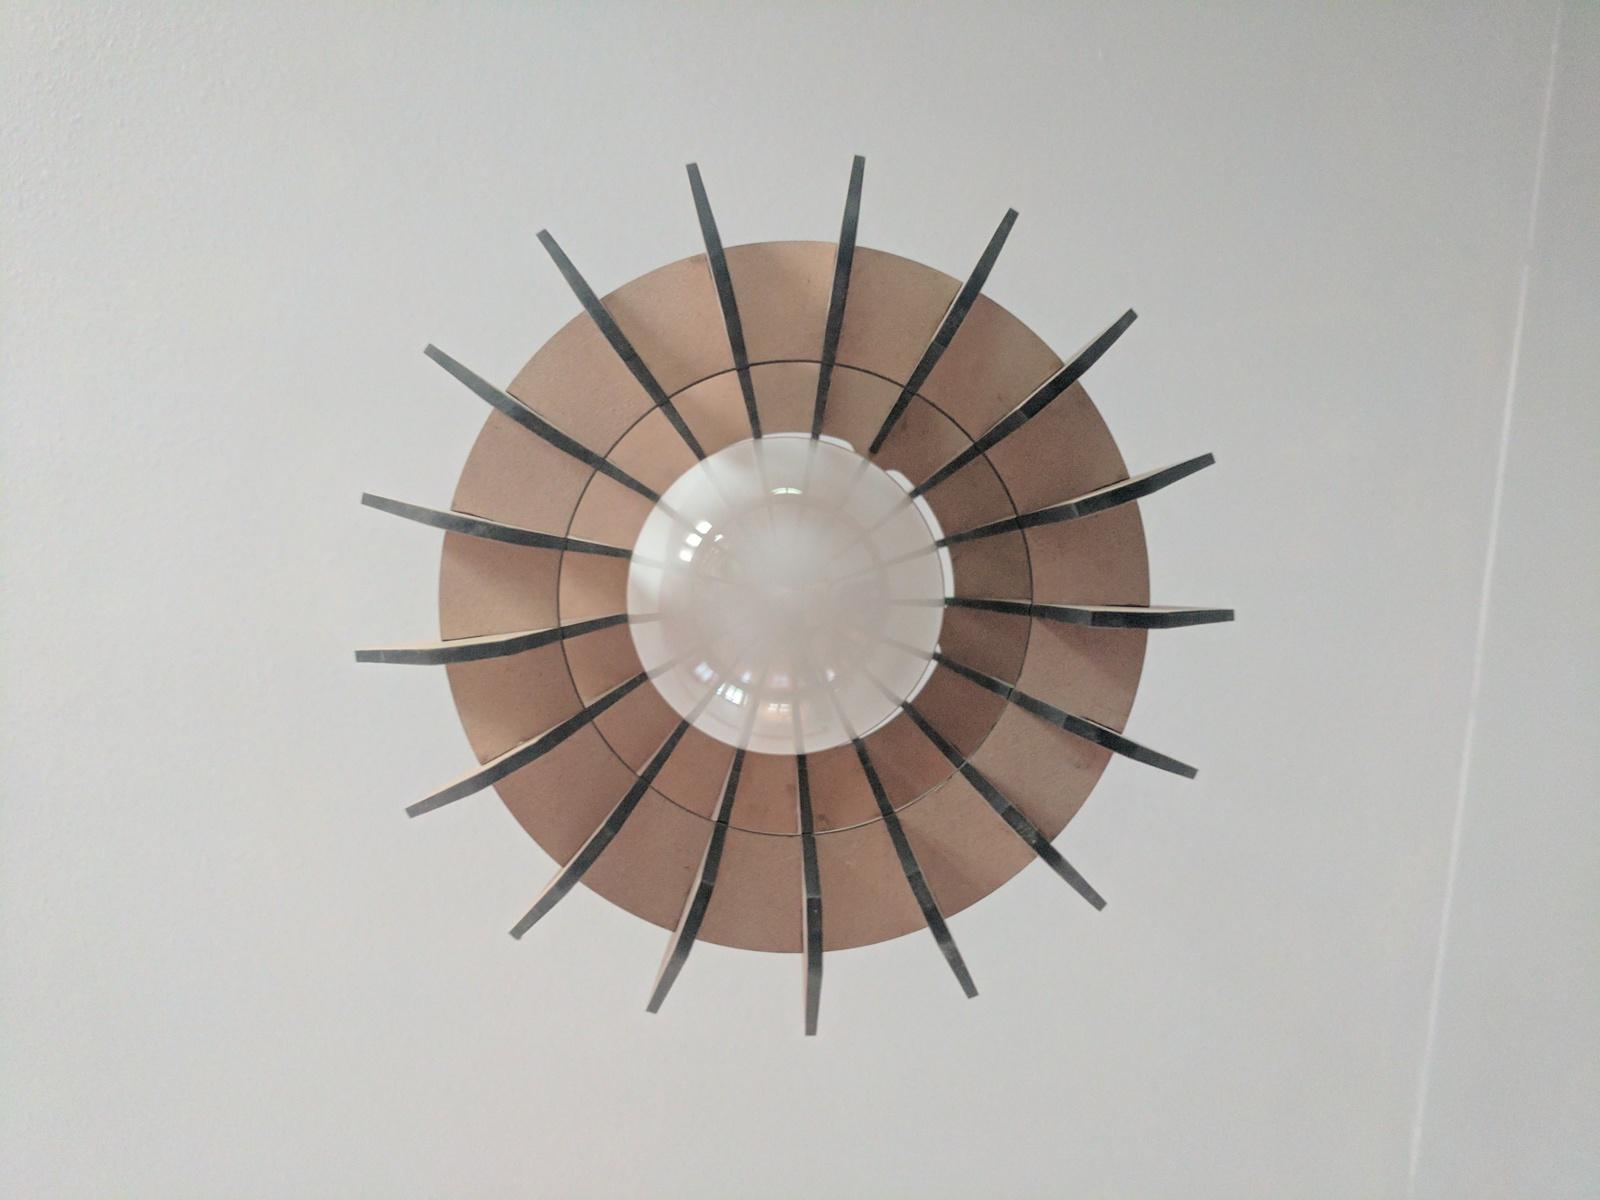 lamp 1b.jpg